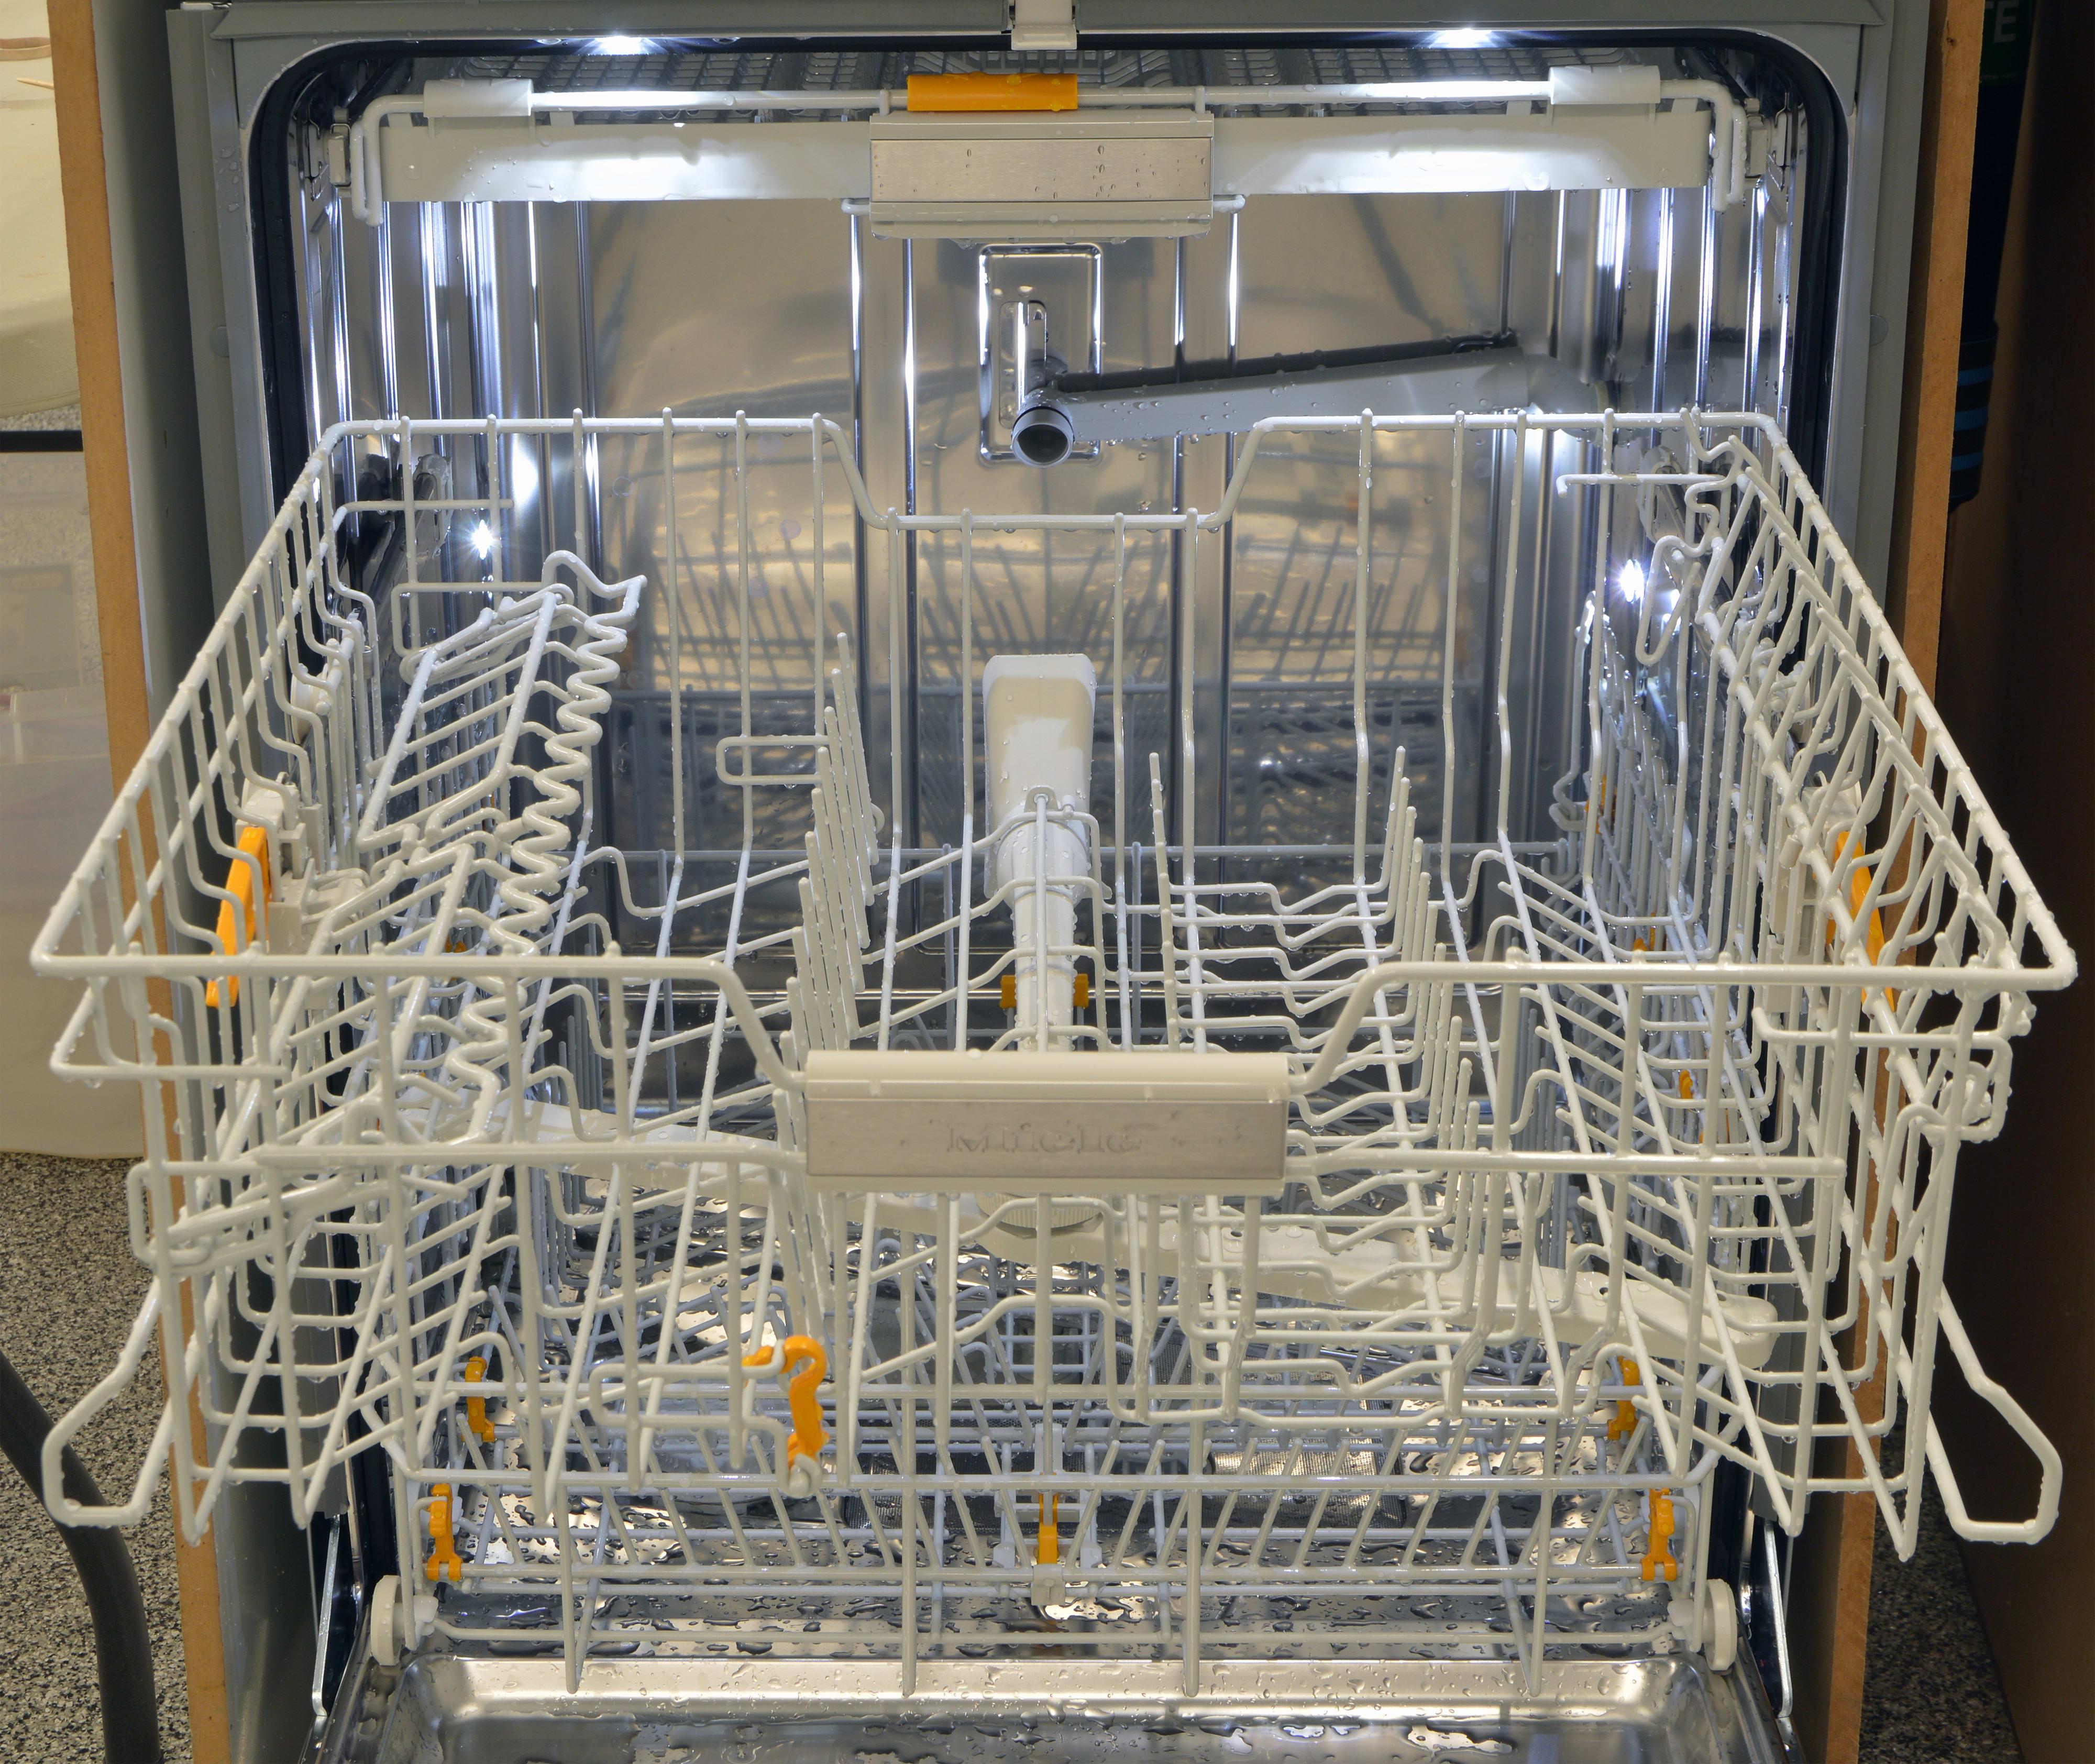 Full view of the upper rack